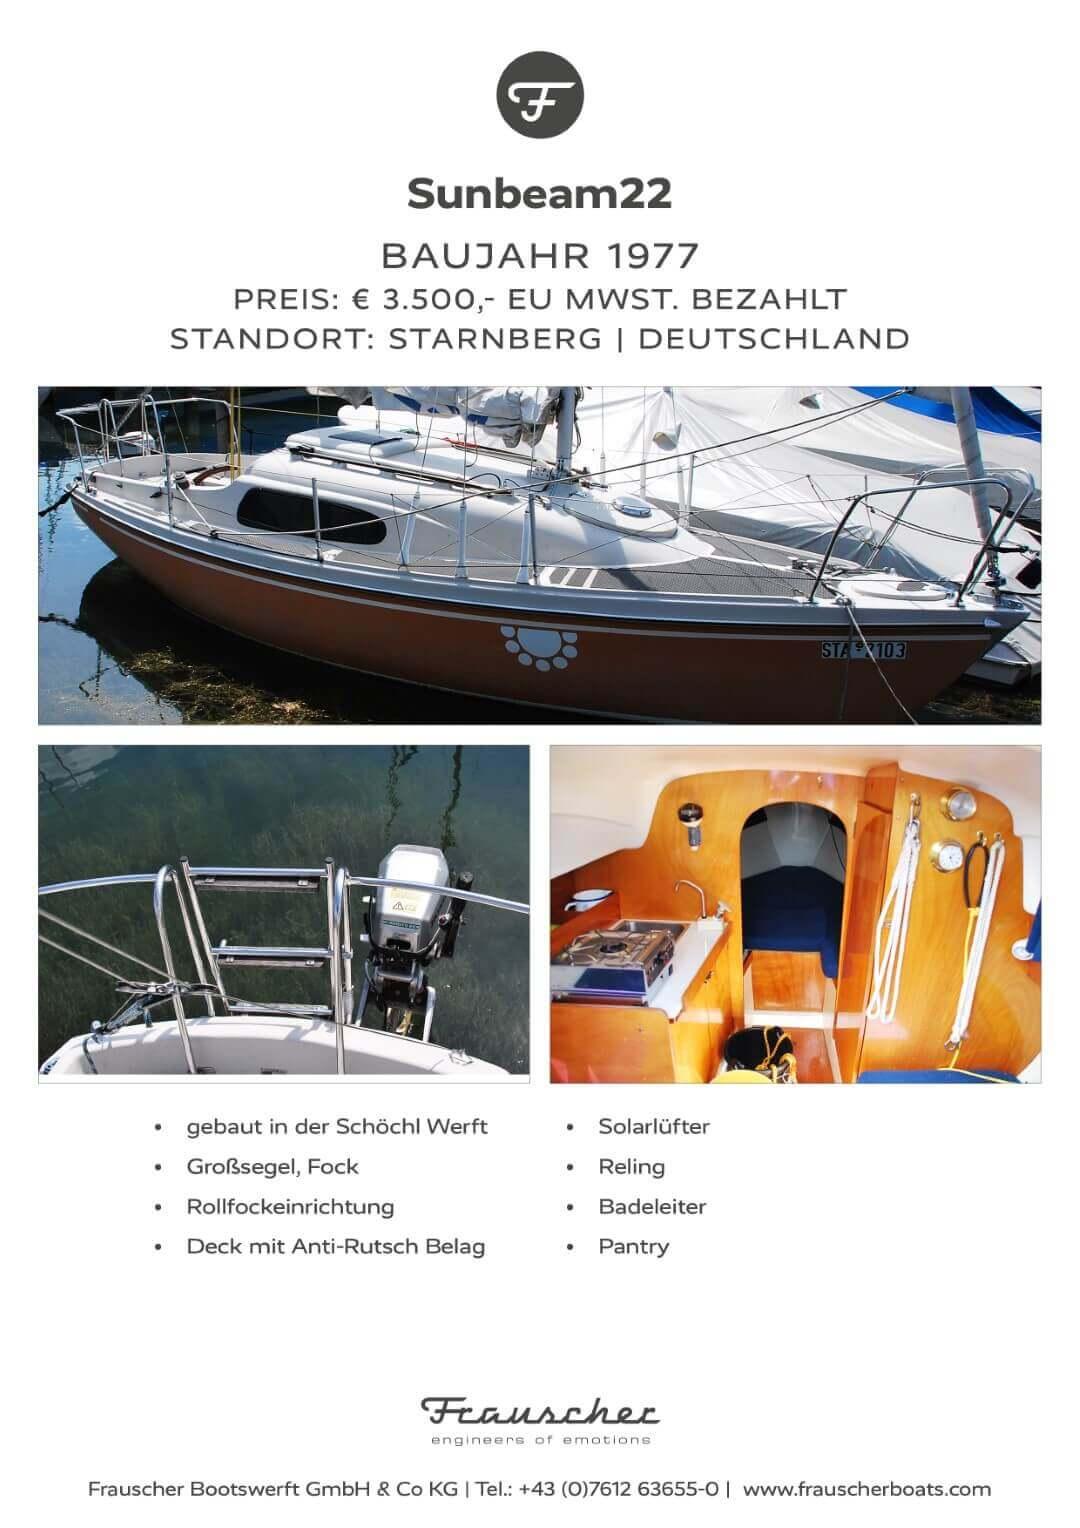 Segelboot aus Vorbesitz  Sunbeam22